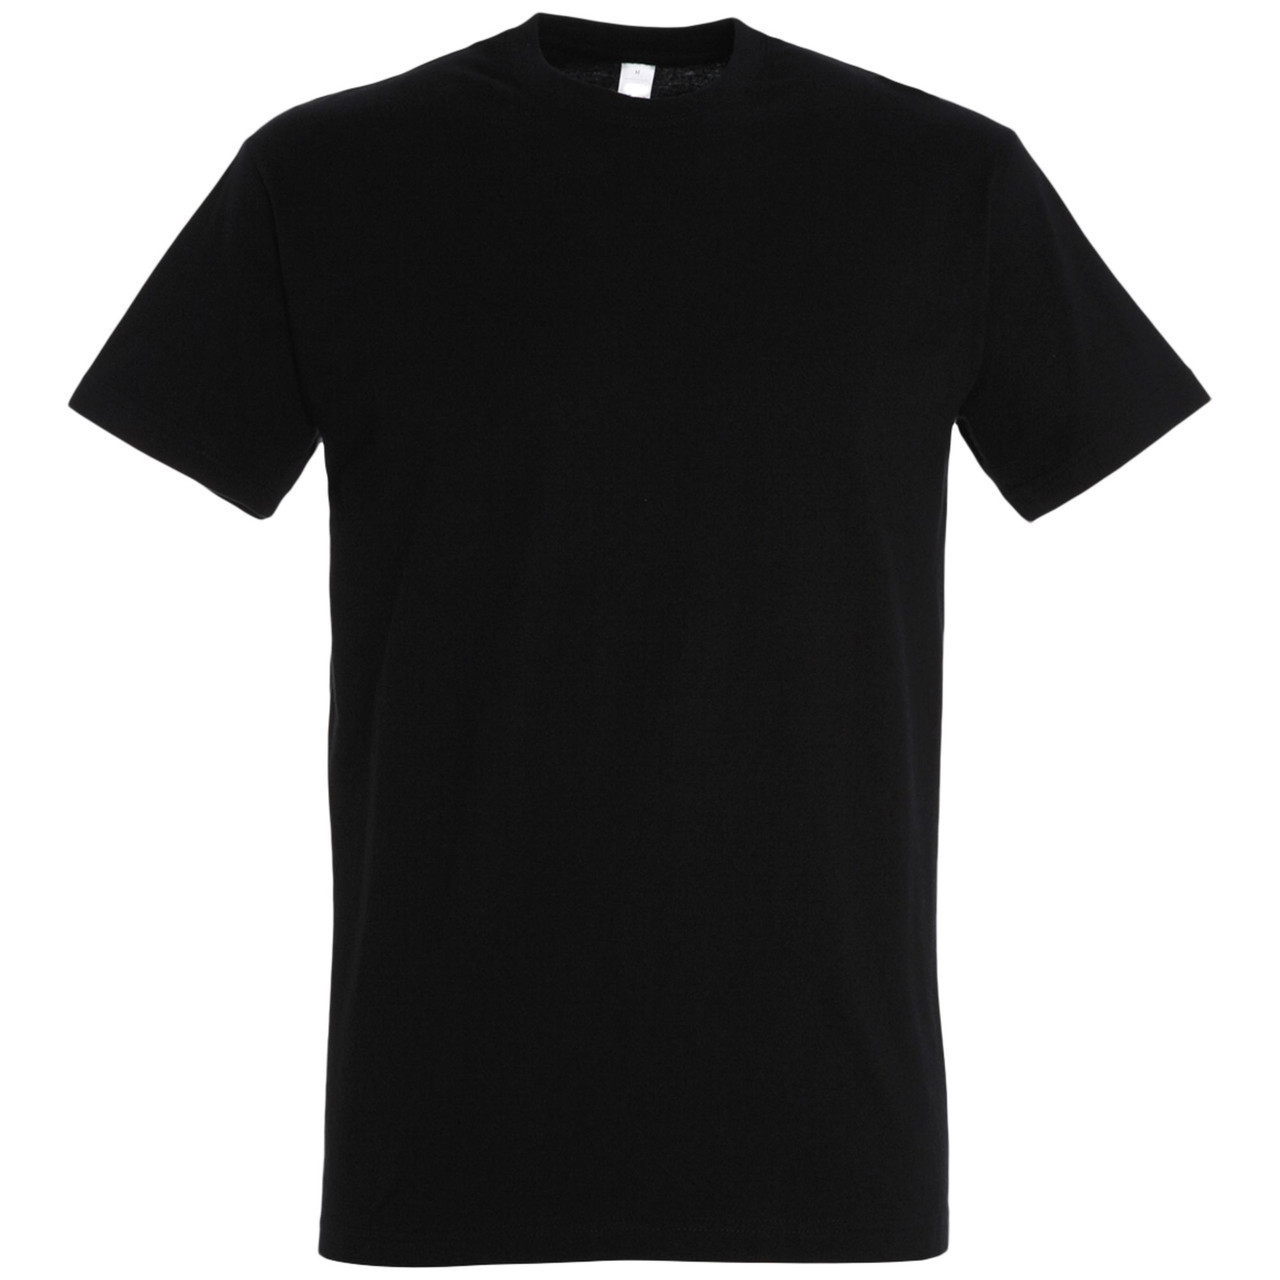 Oднотонная футболка | Черная | 160 гр. | 3XL